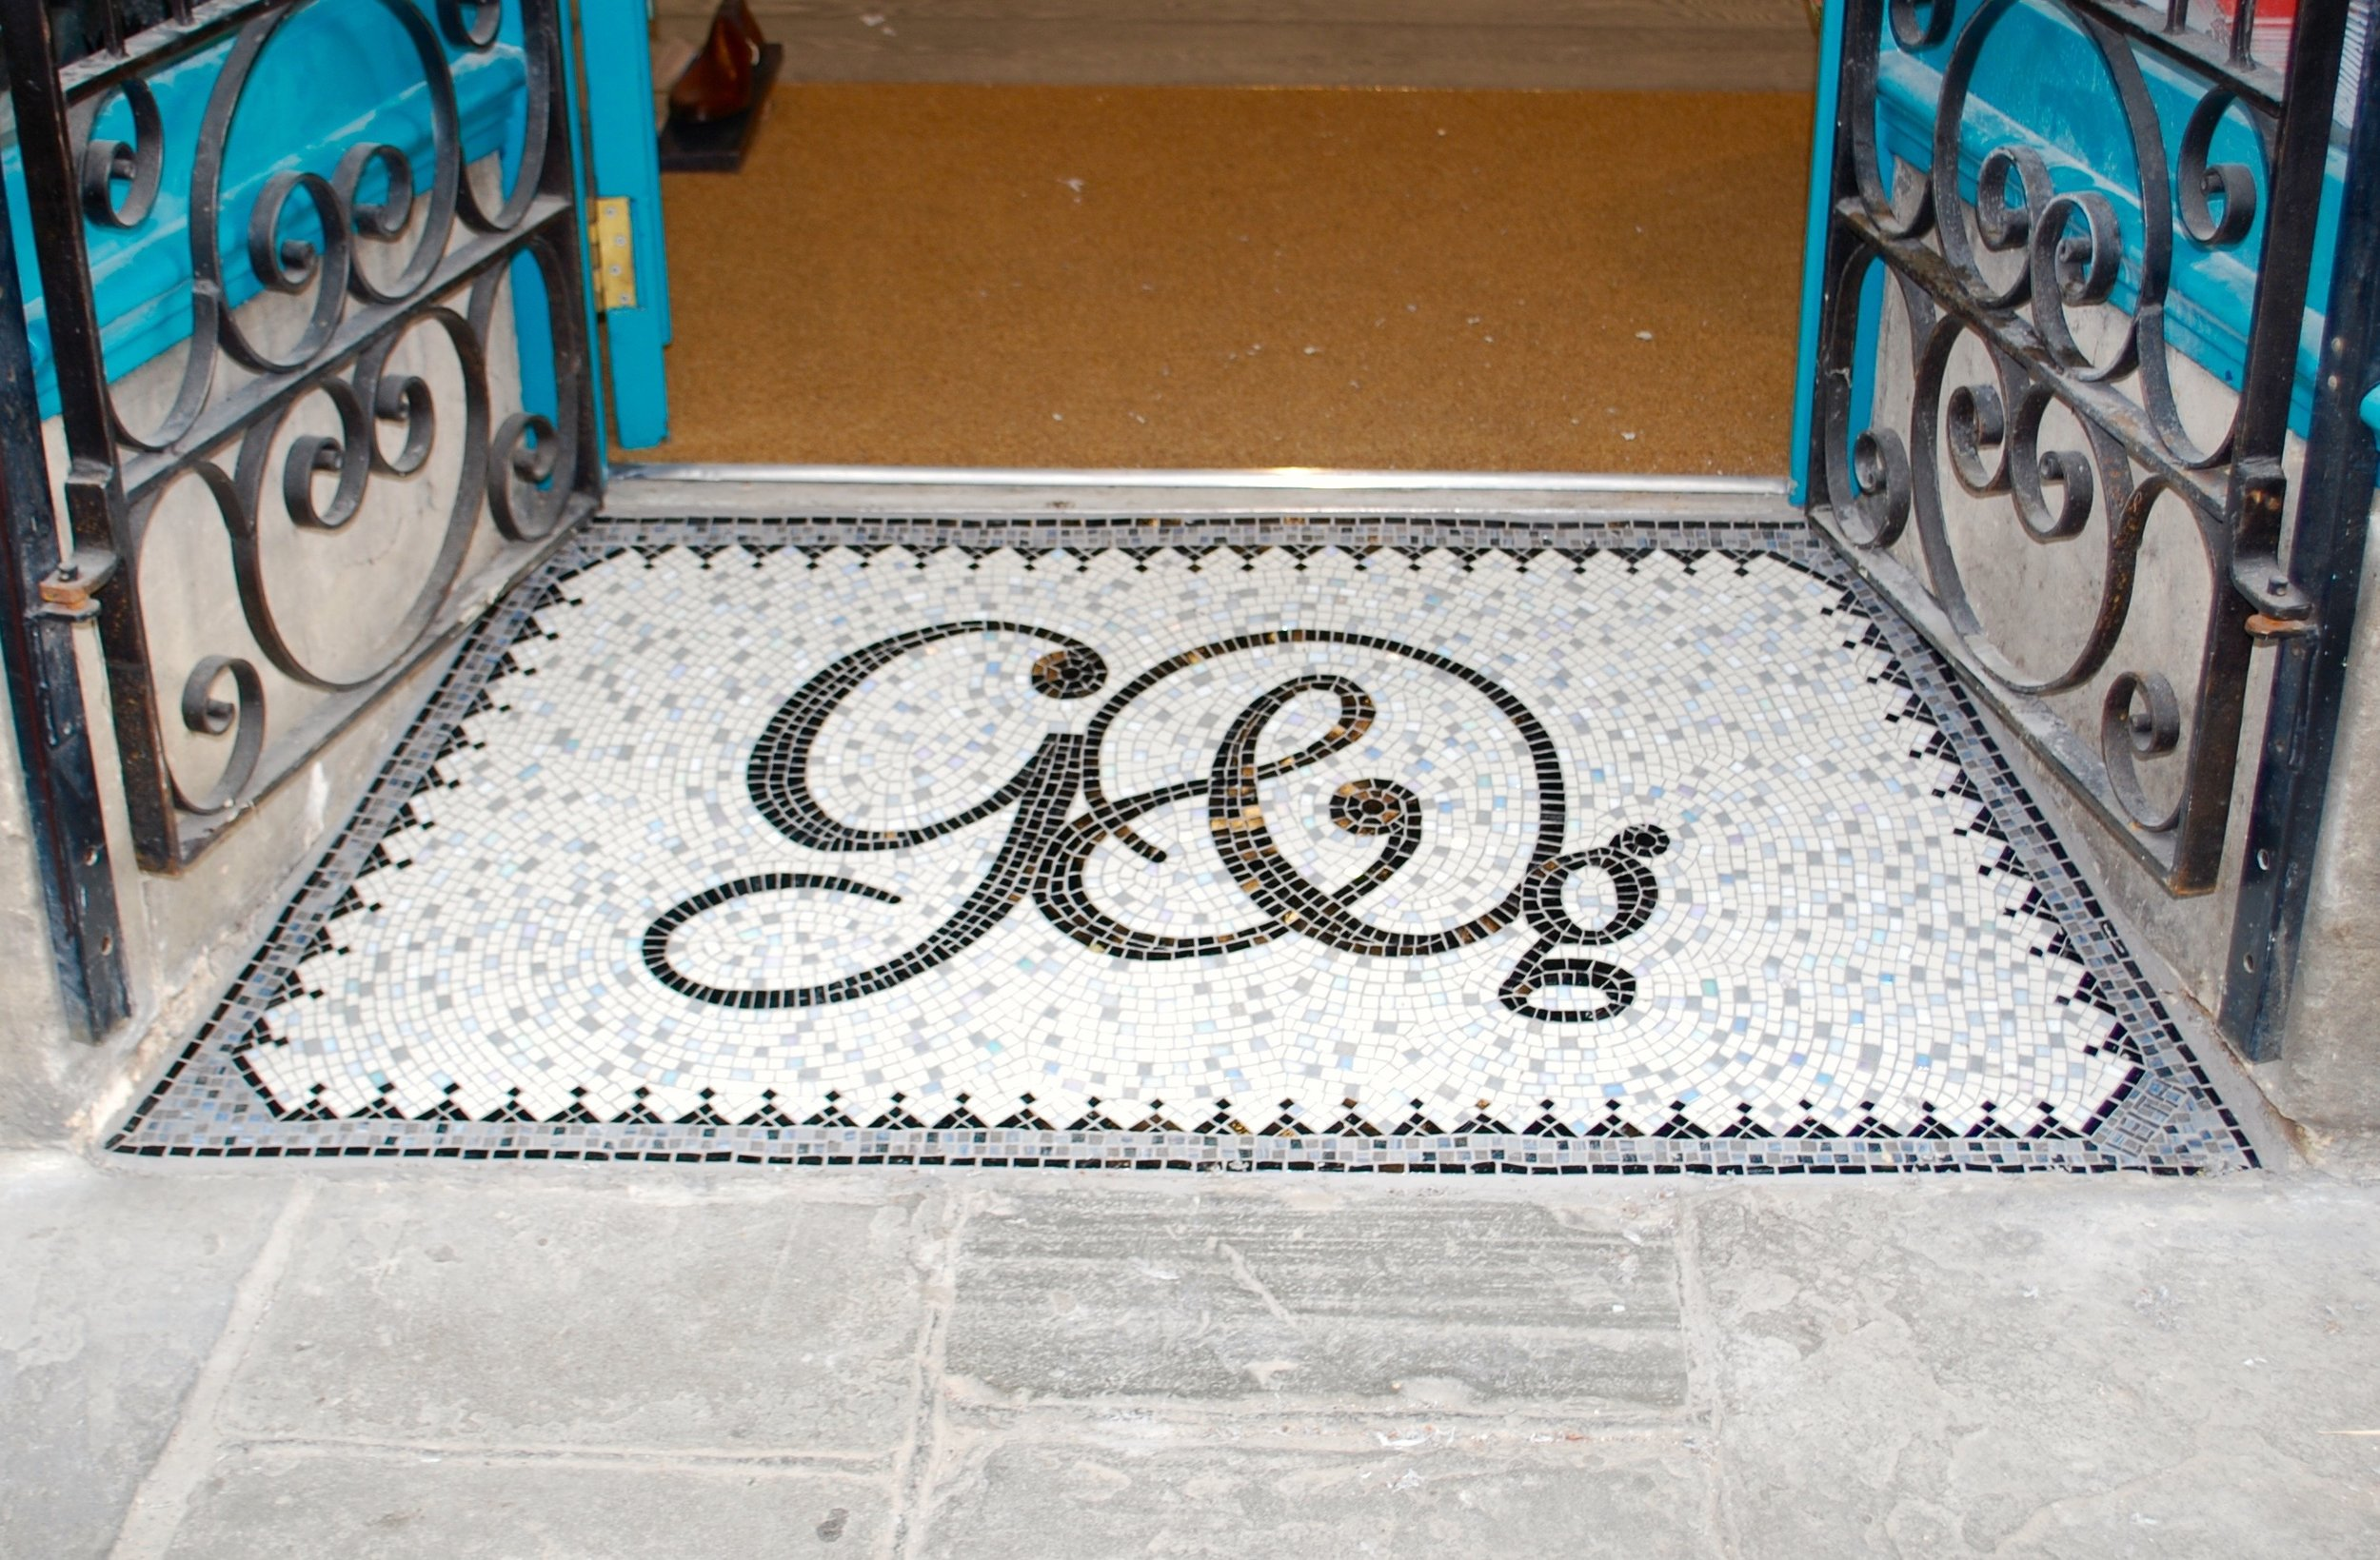 Making a mosaic onto mesh.  Graham and Green mosaic